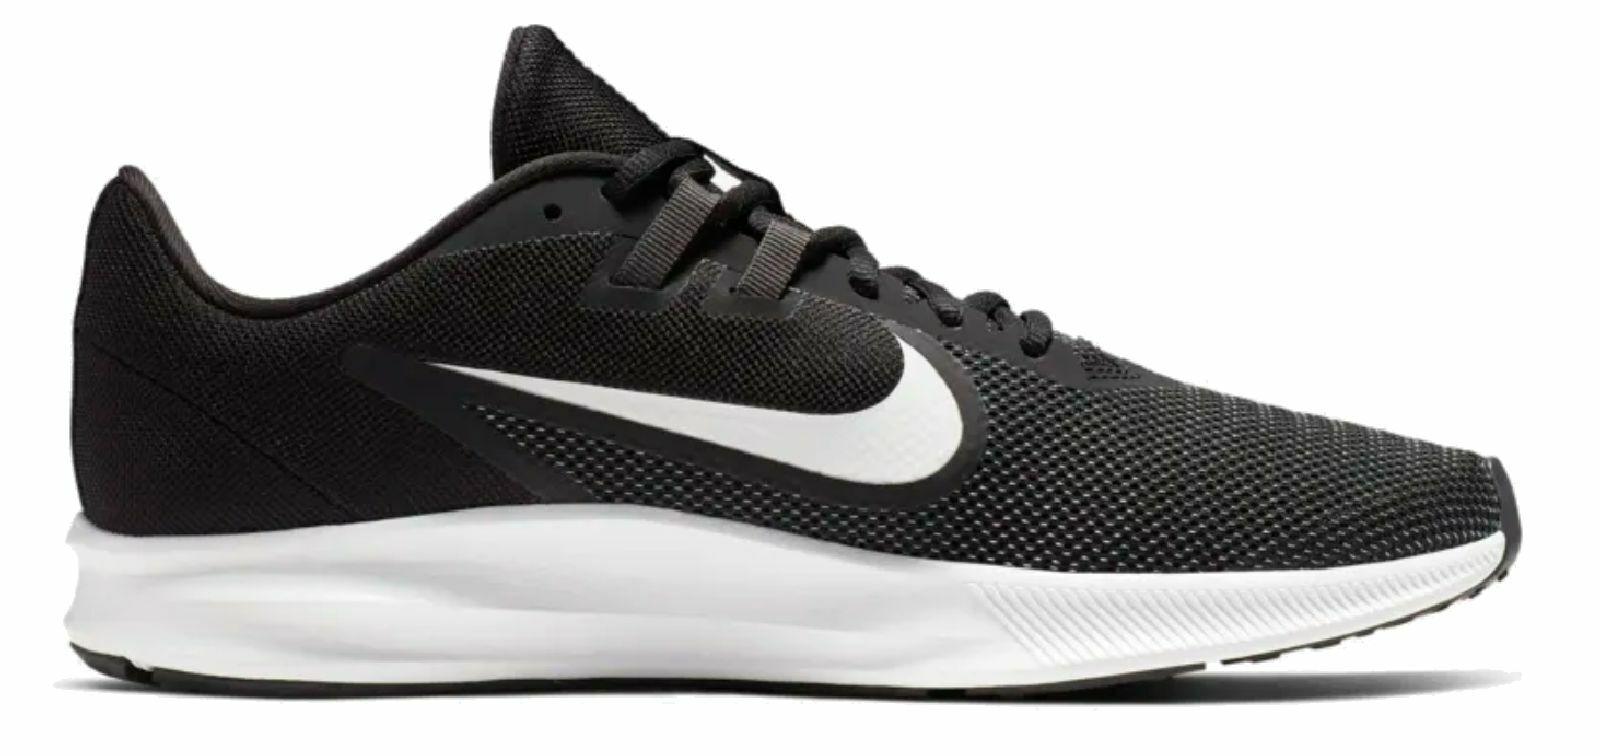 Freizeit 001 Damen Lauf Schwarz Aq7486 Nike 9 Weiß Wmns Schuhe wN8POy0vmn